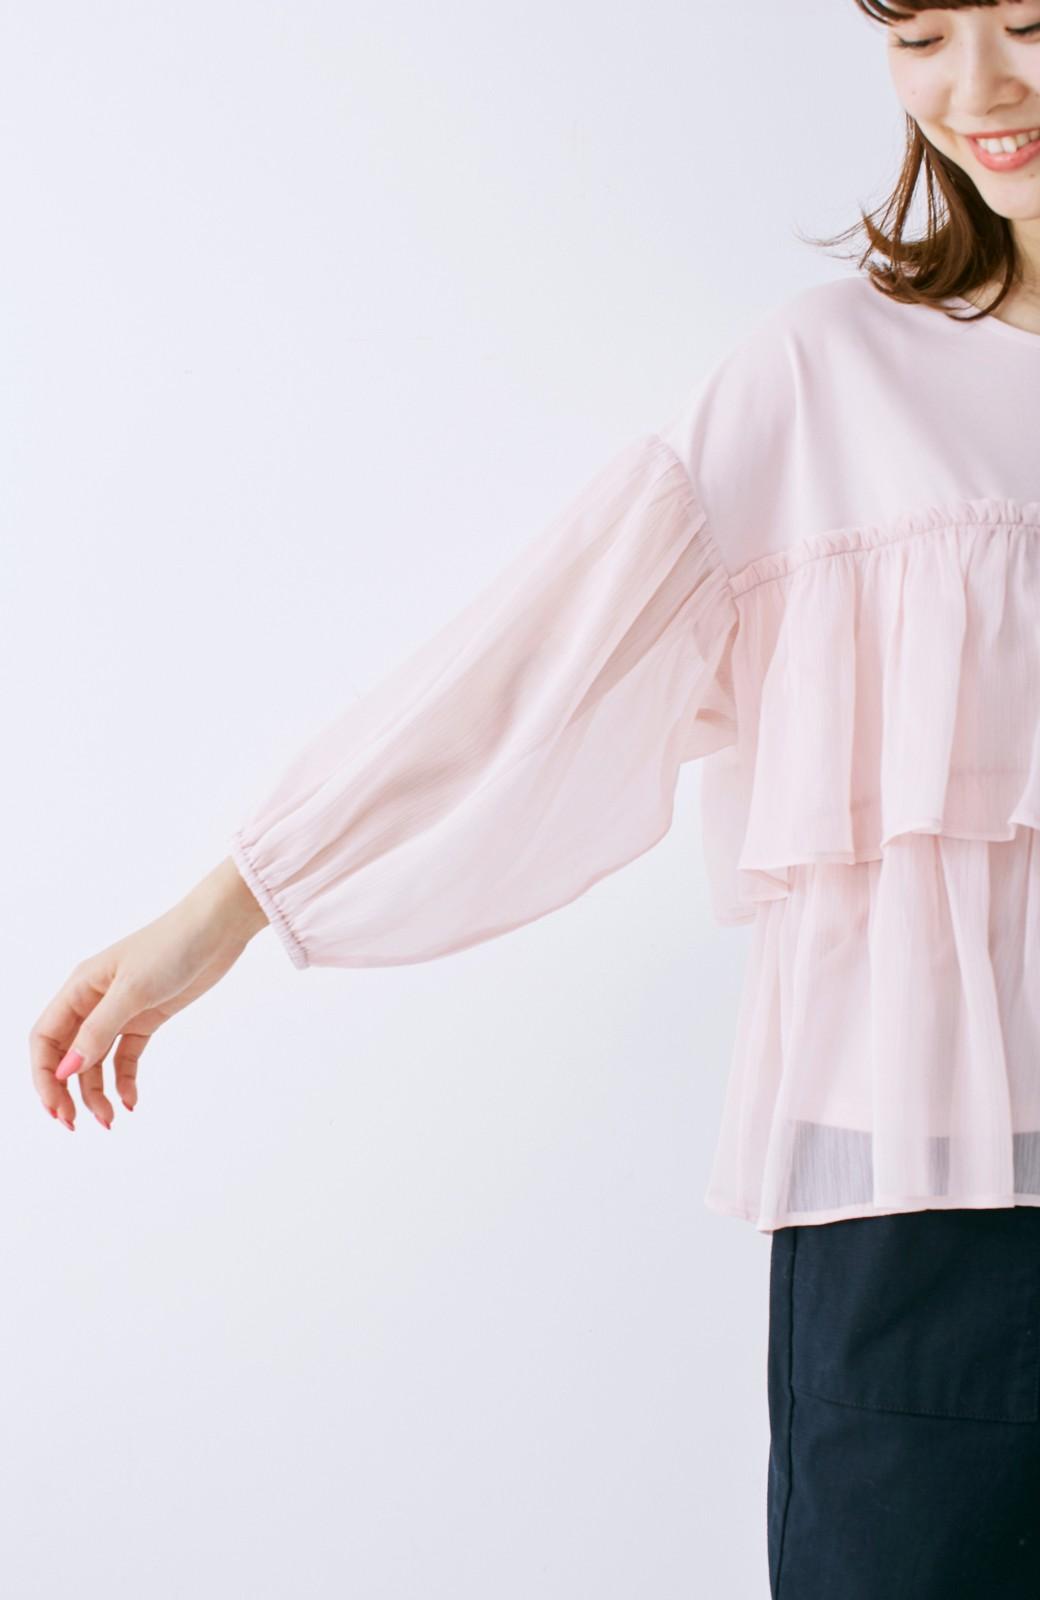 エムトロワ さらっと着られて女子気分があがる 異素材づかいのフリルトップス <ライトピンク>の商品写真12